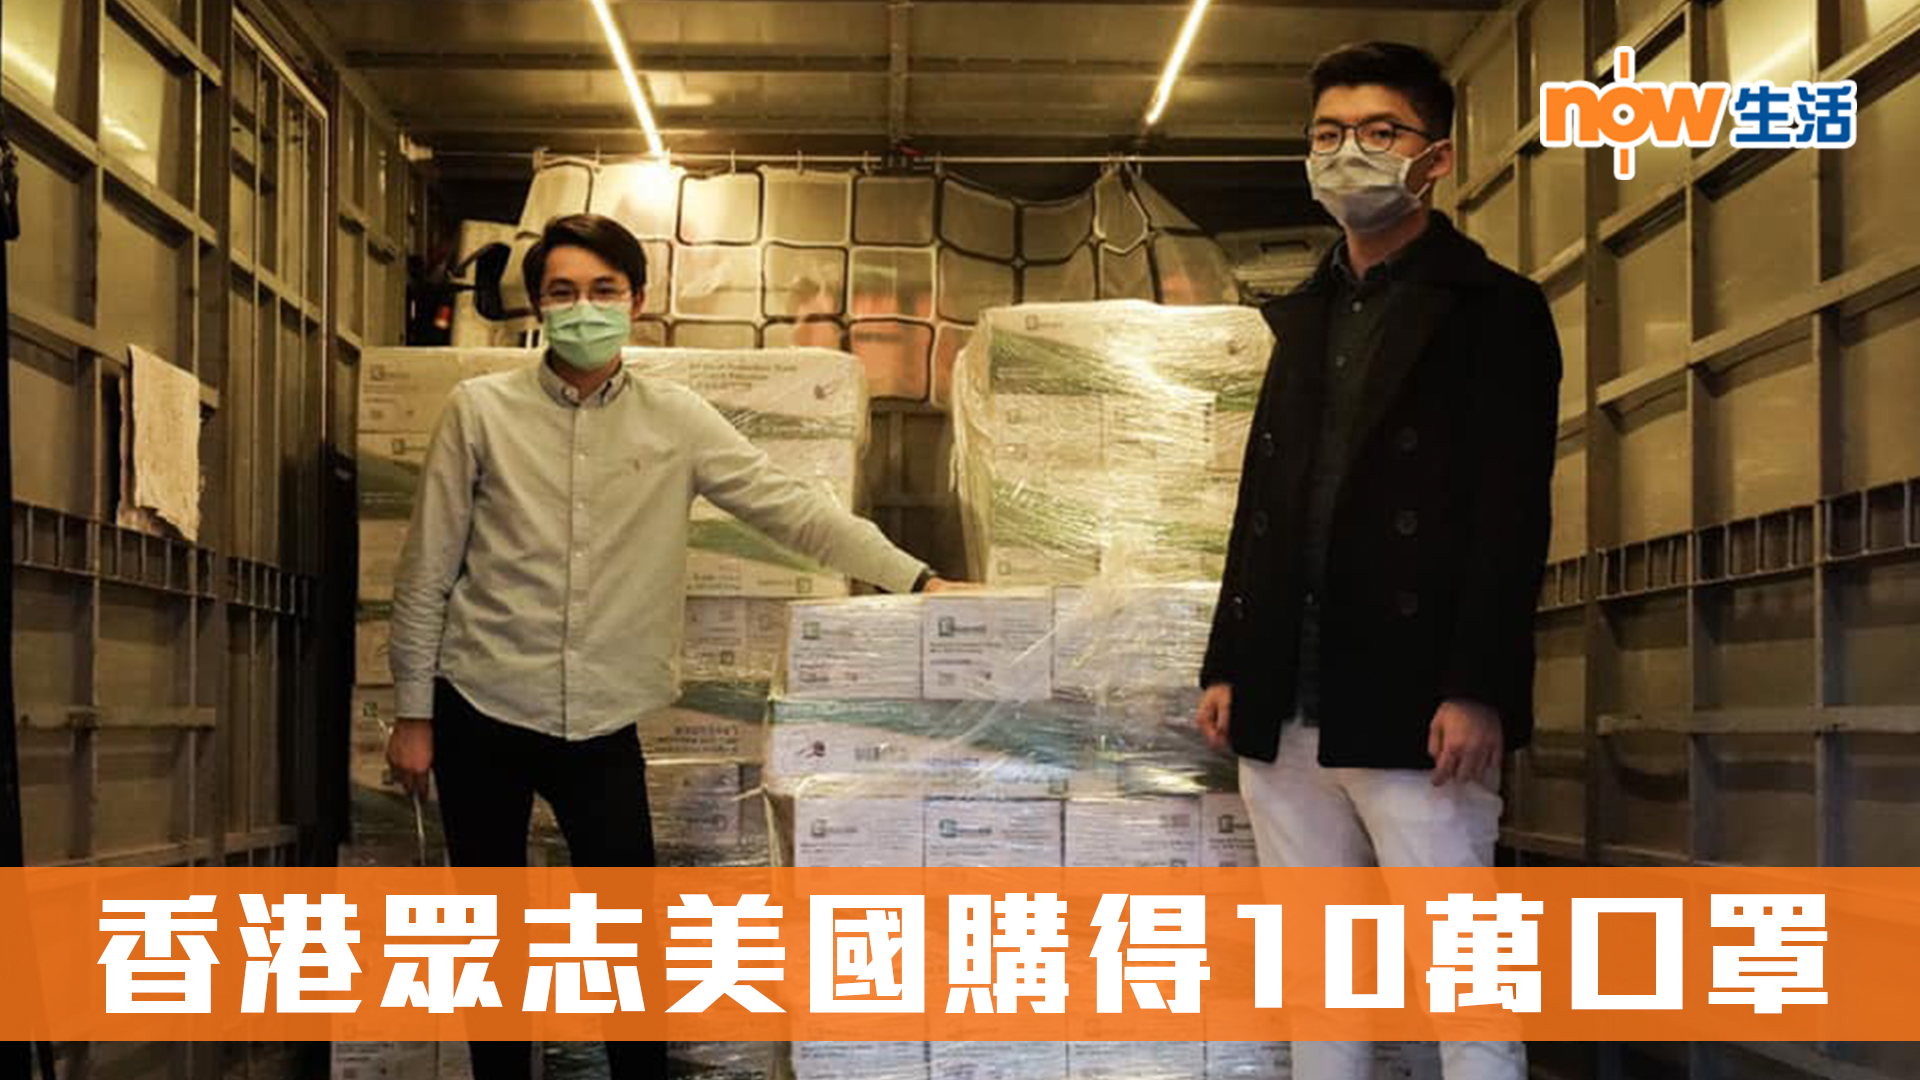 【武漢肺炎】香港眾志美國購得10萬口罩 有賴累積國際網絡